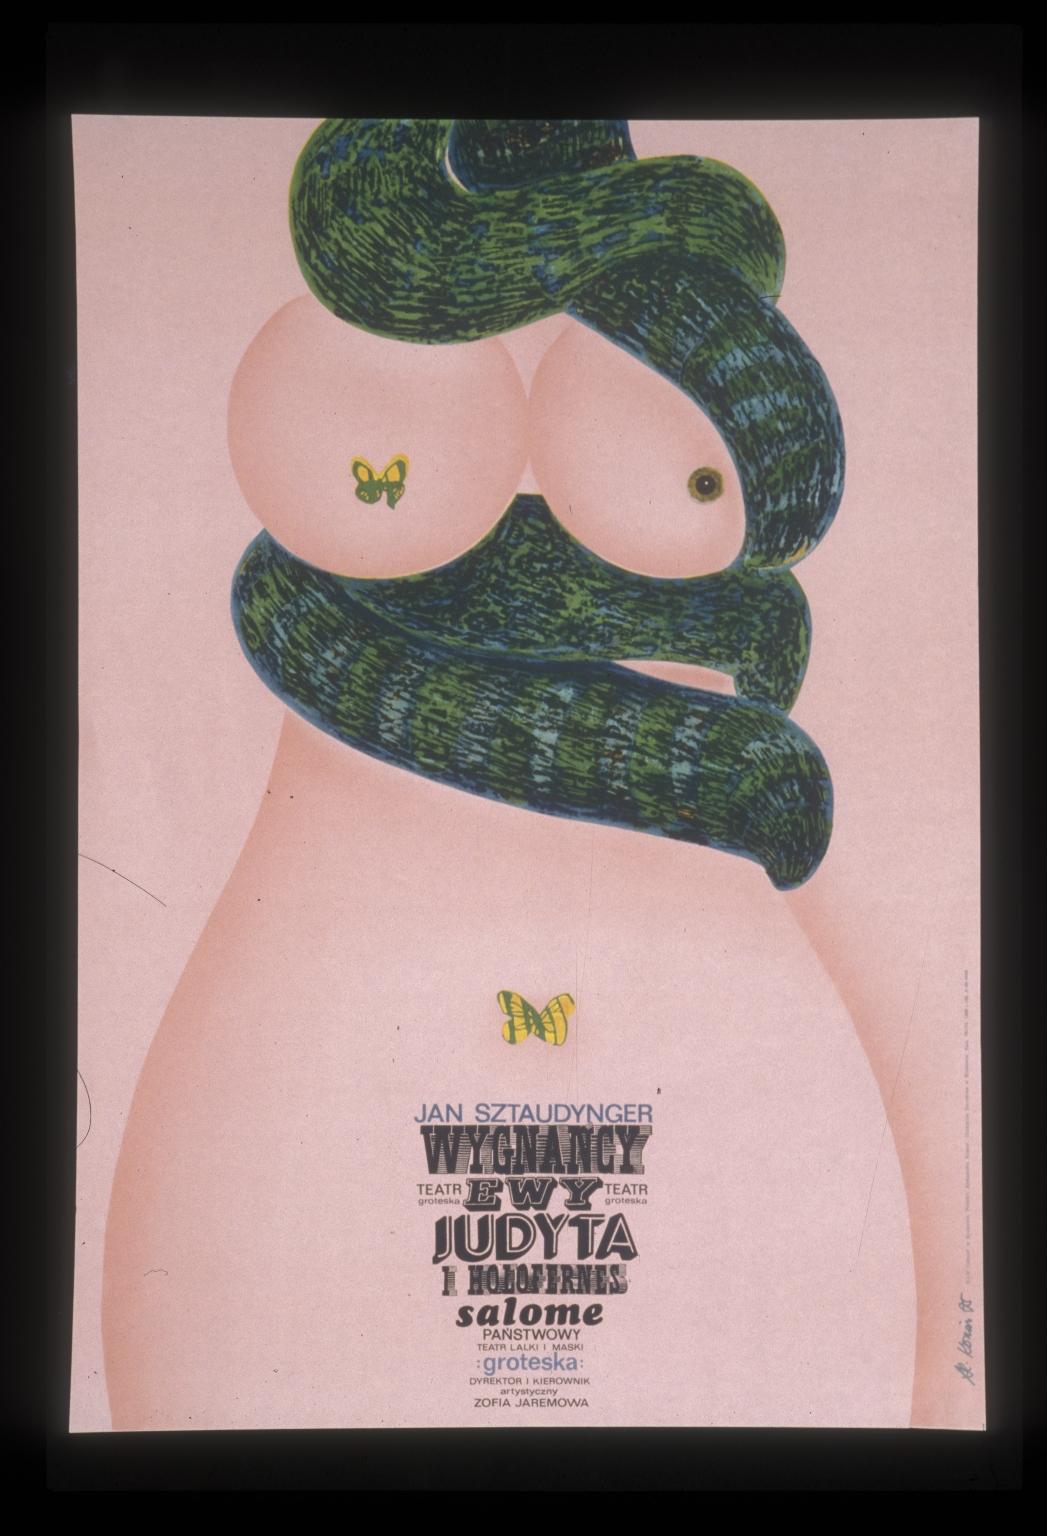 """Wygnancy Ewy, Judyta i Holafernes, Salome: Panstwowy Teatr Laki i Maski """"Groteska"""" : dyrektori kierownik artystyczny Zofia Jaremowa"""